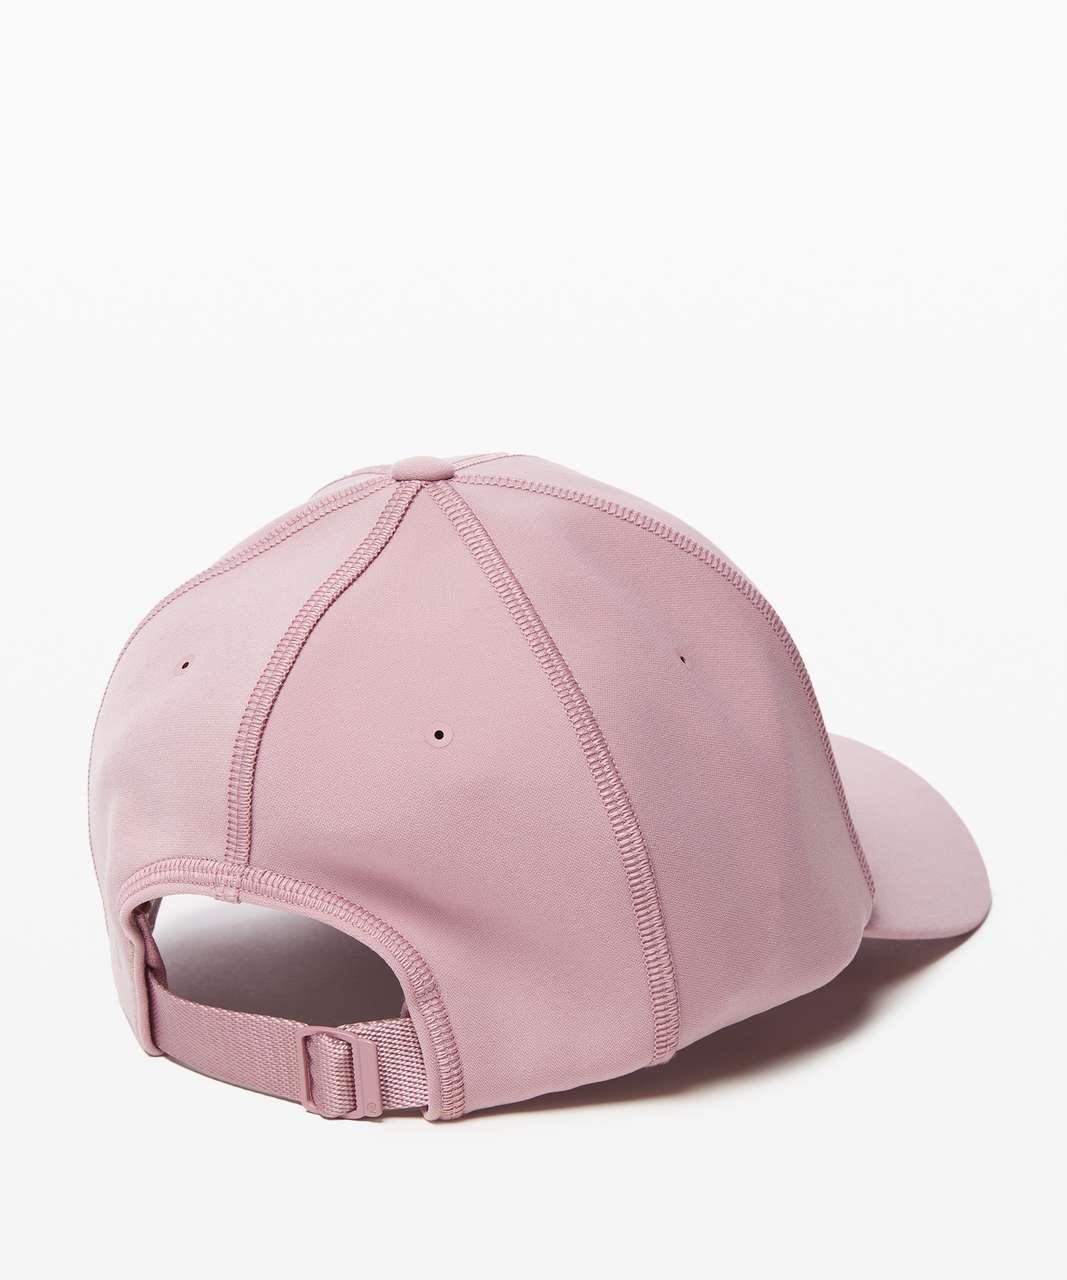 Lululemon Baller Hat III - Pink Taupe